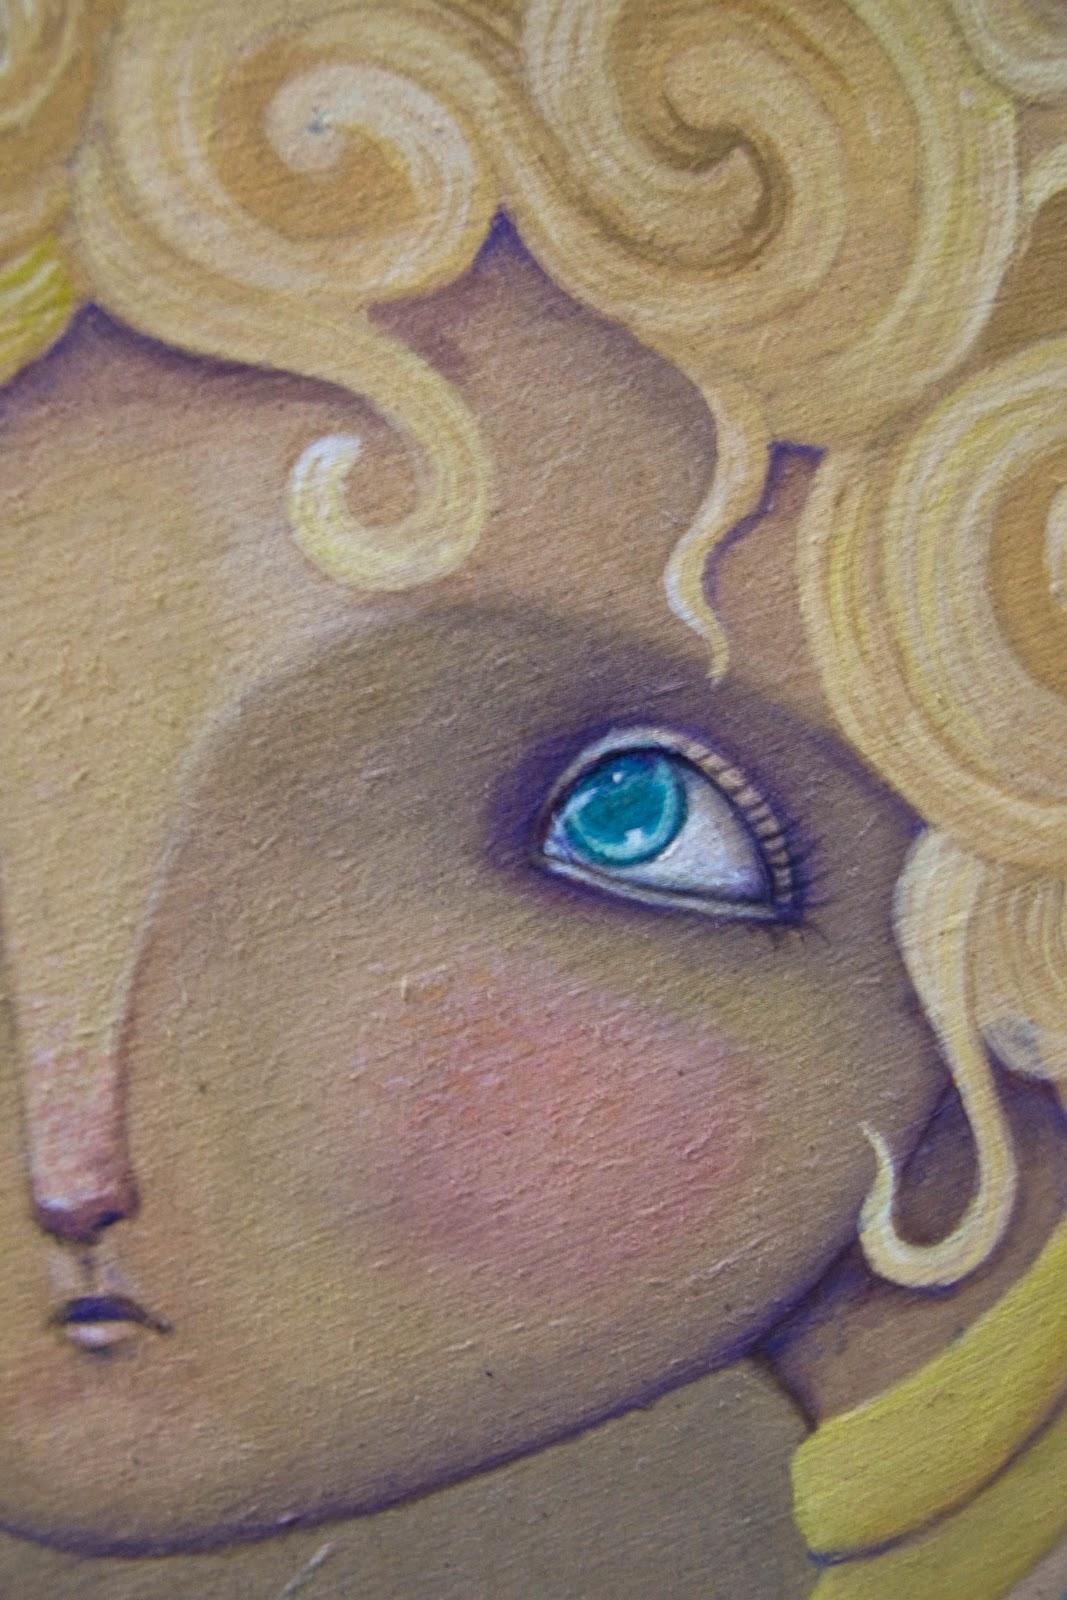 http://4.bp.blogspot.com/-a_gxwrQhTRk/UCRDa2BihQI/AAAAAAAAAQM/LuZPgmm1348/s1600/IMG_6535.jpg